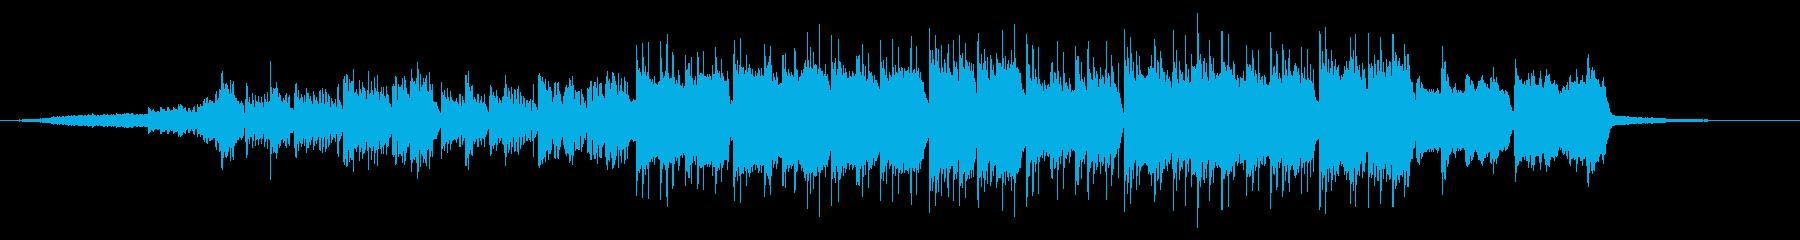 ゆったりした浮遊感のある奇妙なBGMの再生済みの波形